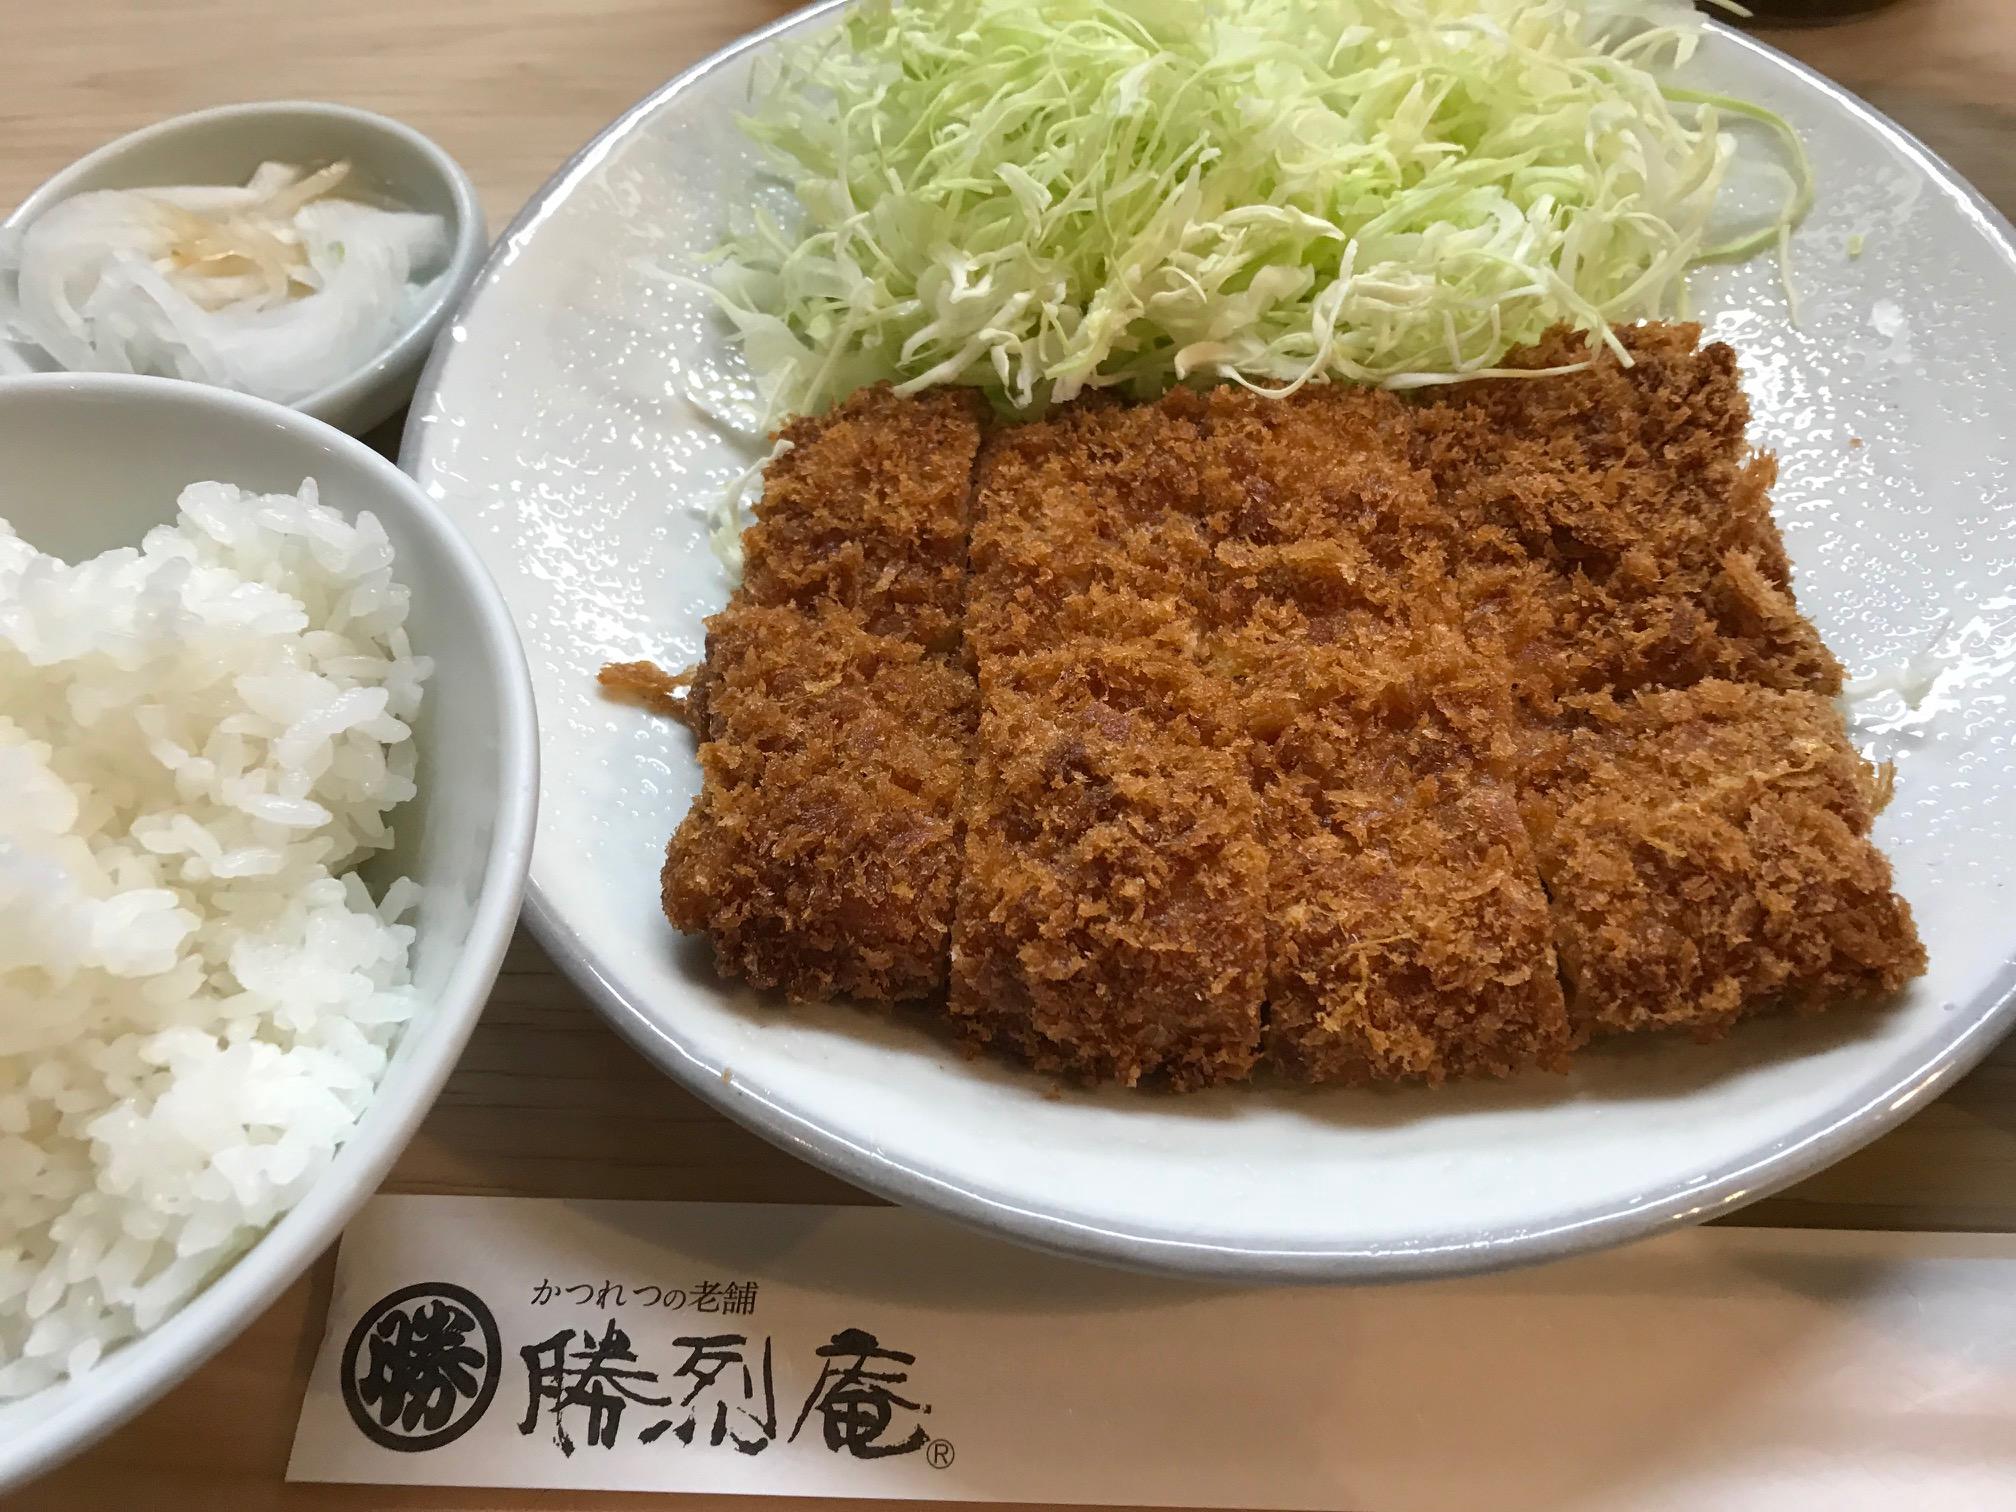 横浜の老舗名店勝烈庵 馬車道総本店 (横浜市/とんかつ)